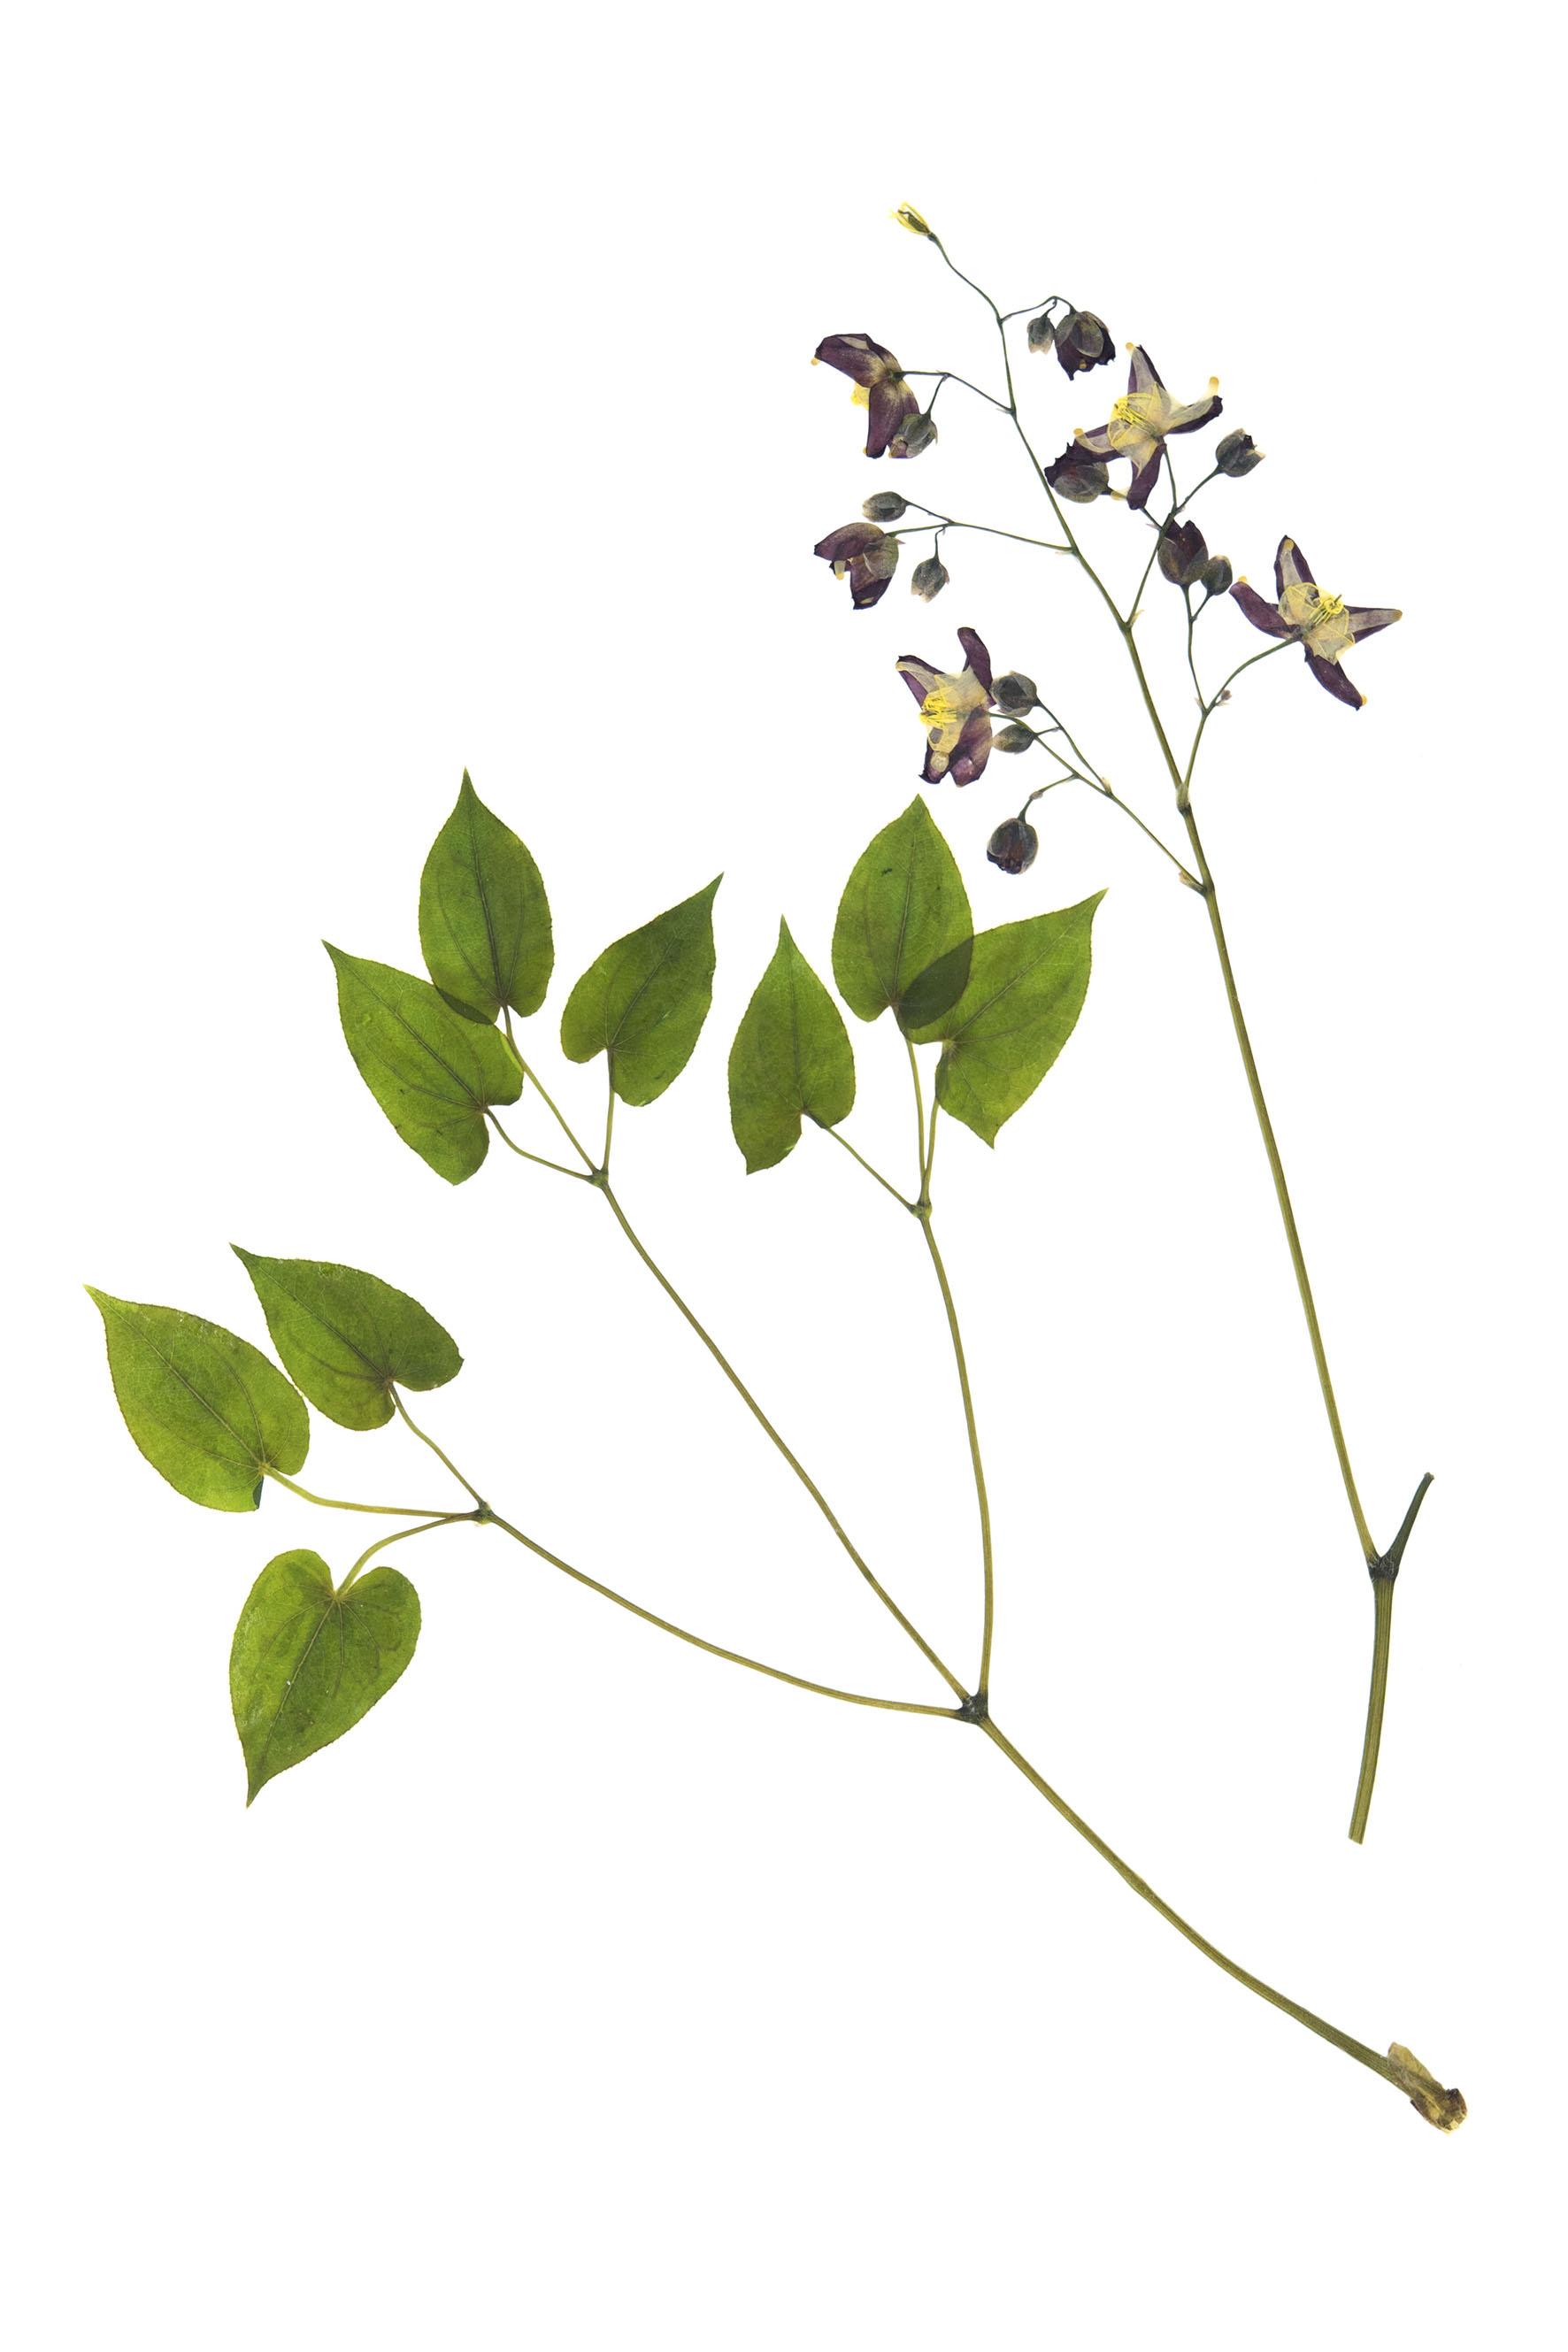 New! Epimedium alpinum / Alpine Barronwort